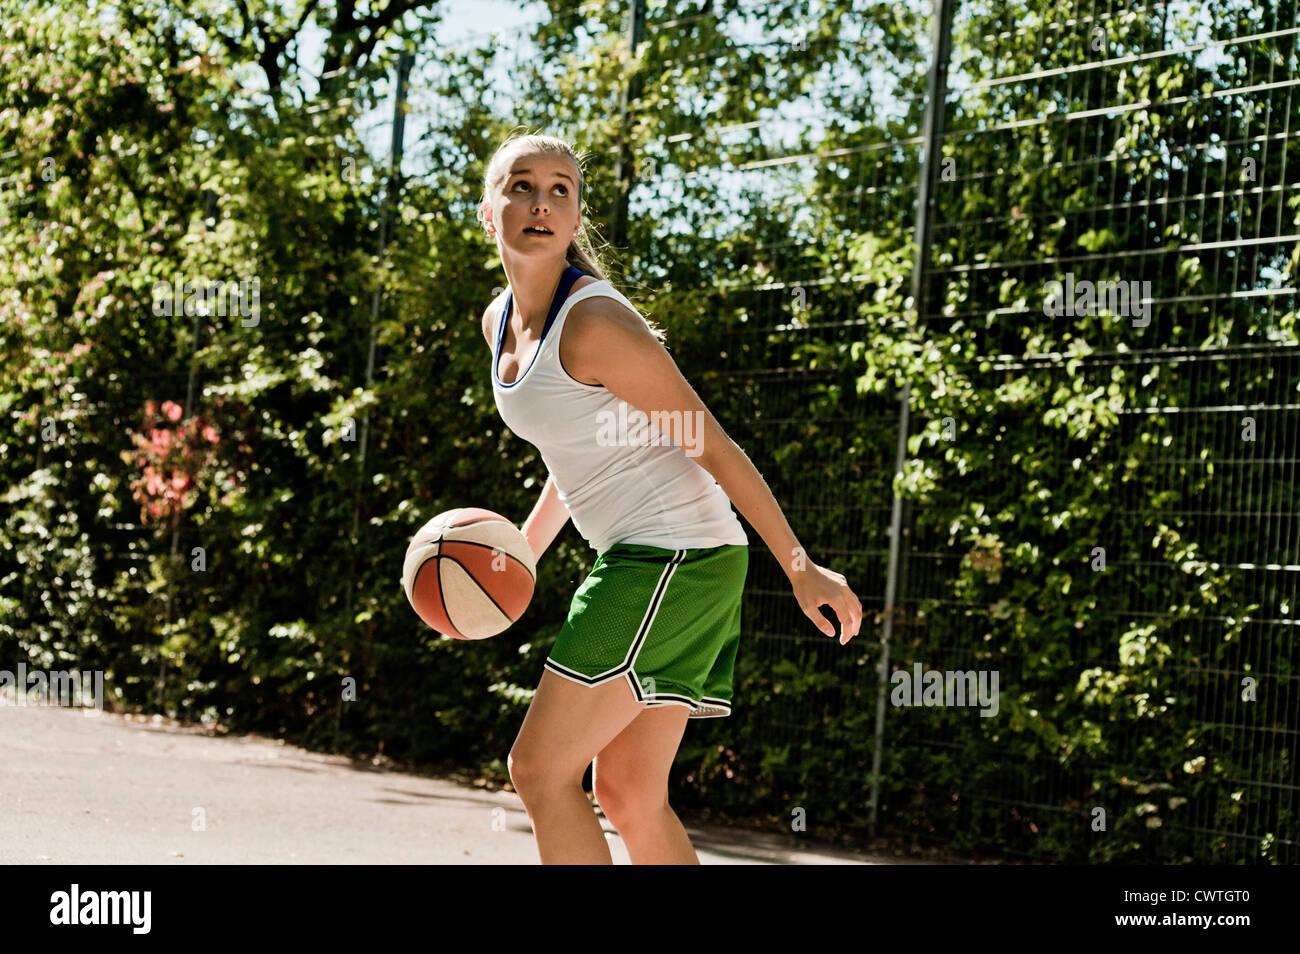 Adolescente jugando baloncesto Imagen De Stock